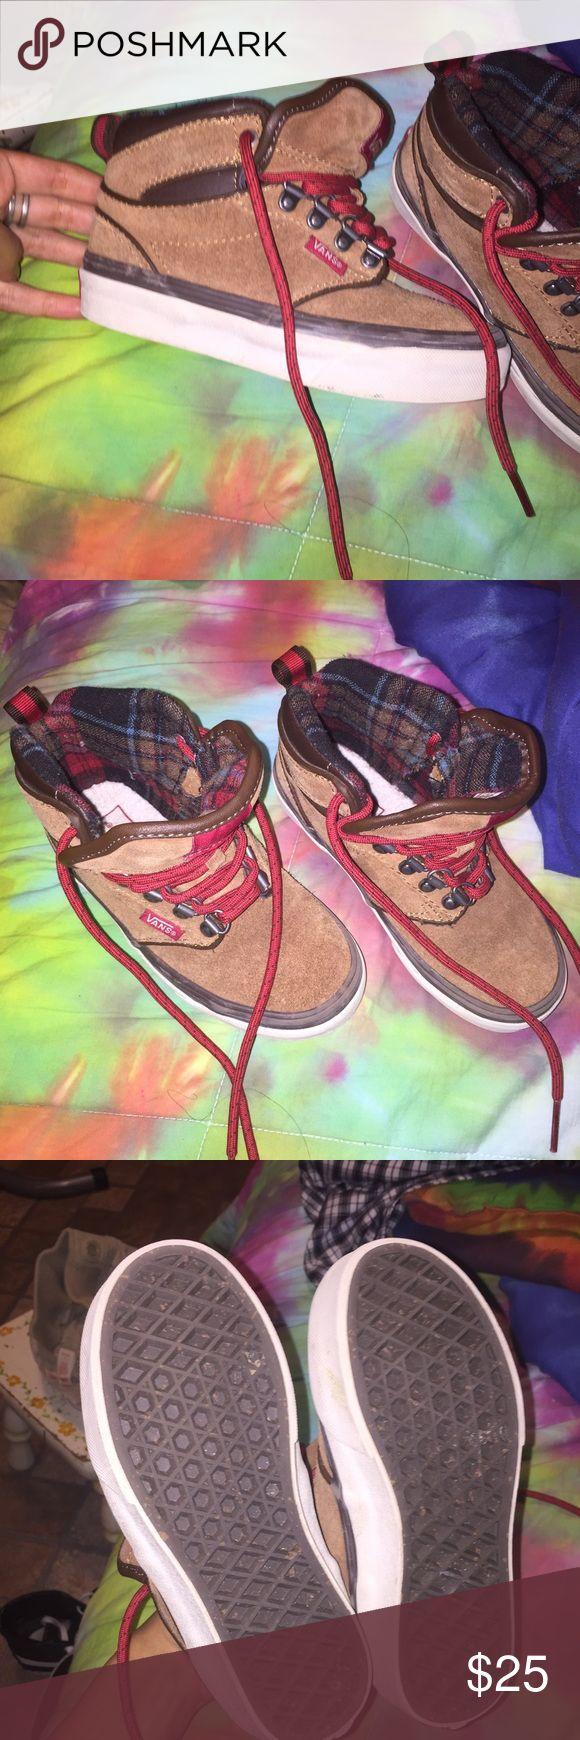 Kids vans shoes excellent condition :) Vans Shoes Sneakers